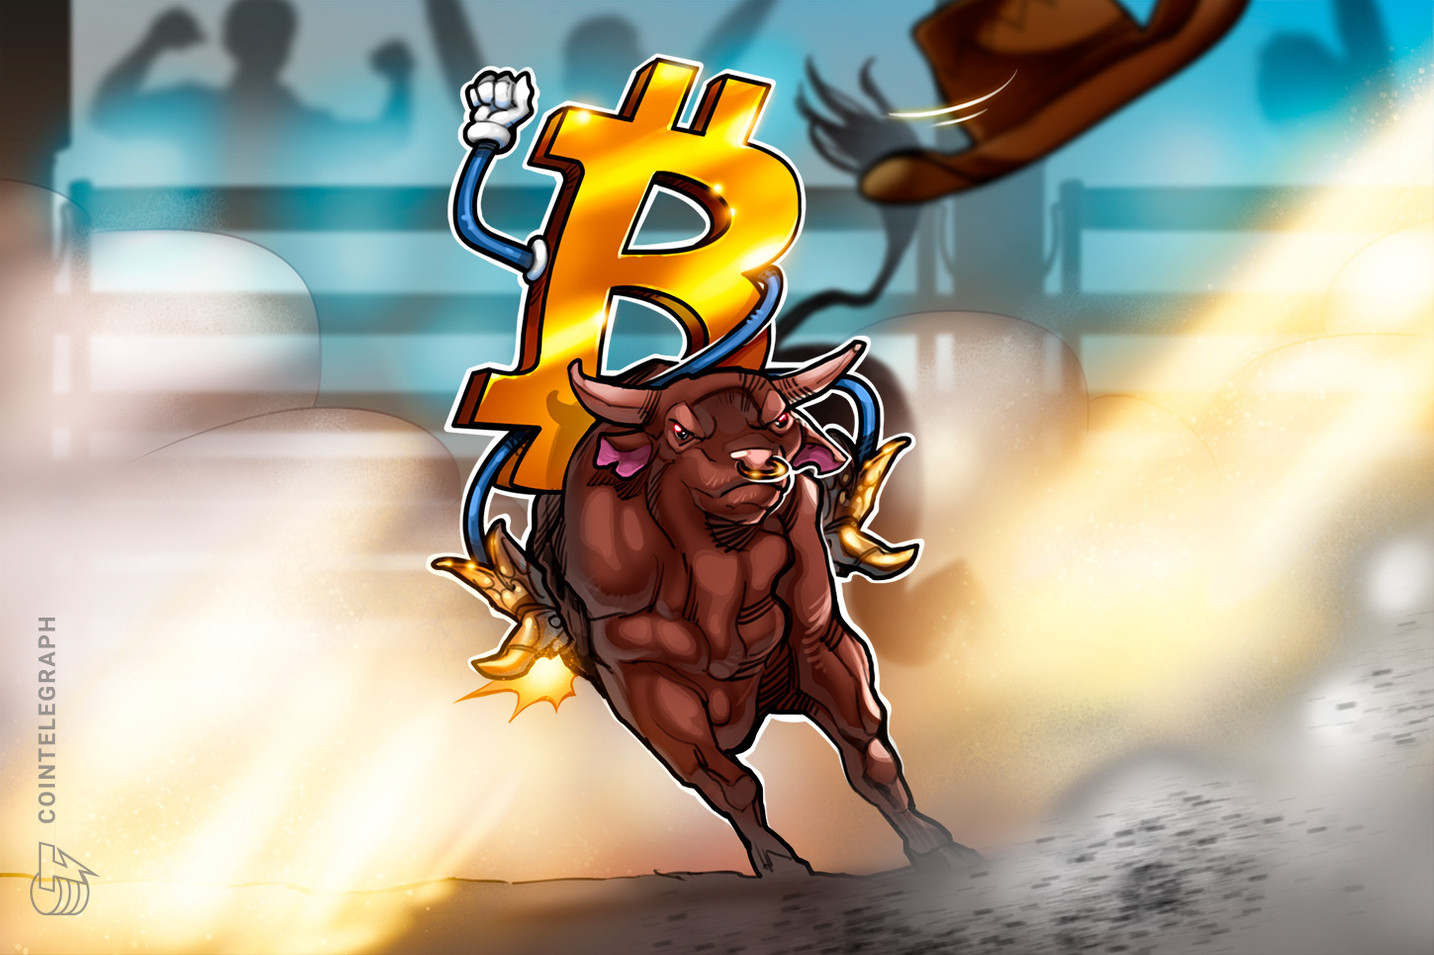 Precio de Bitcoin: varios periodos temporales muestran que la macro tendencia alcista está intacta